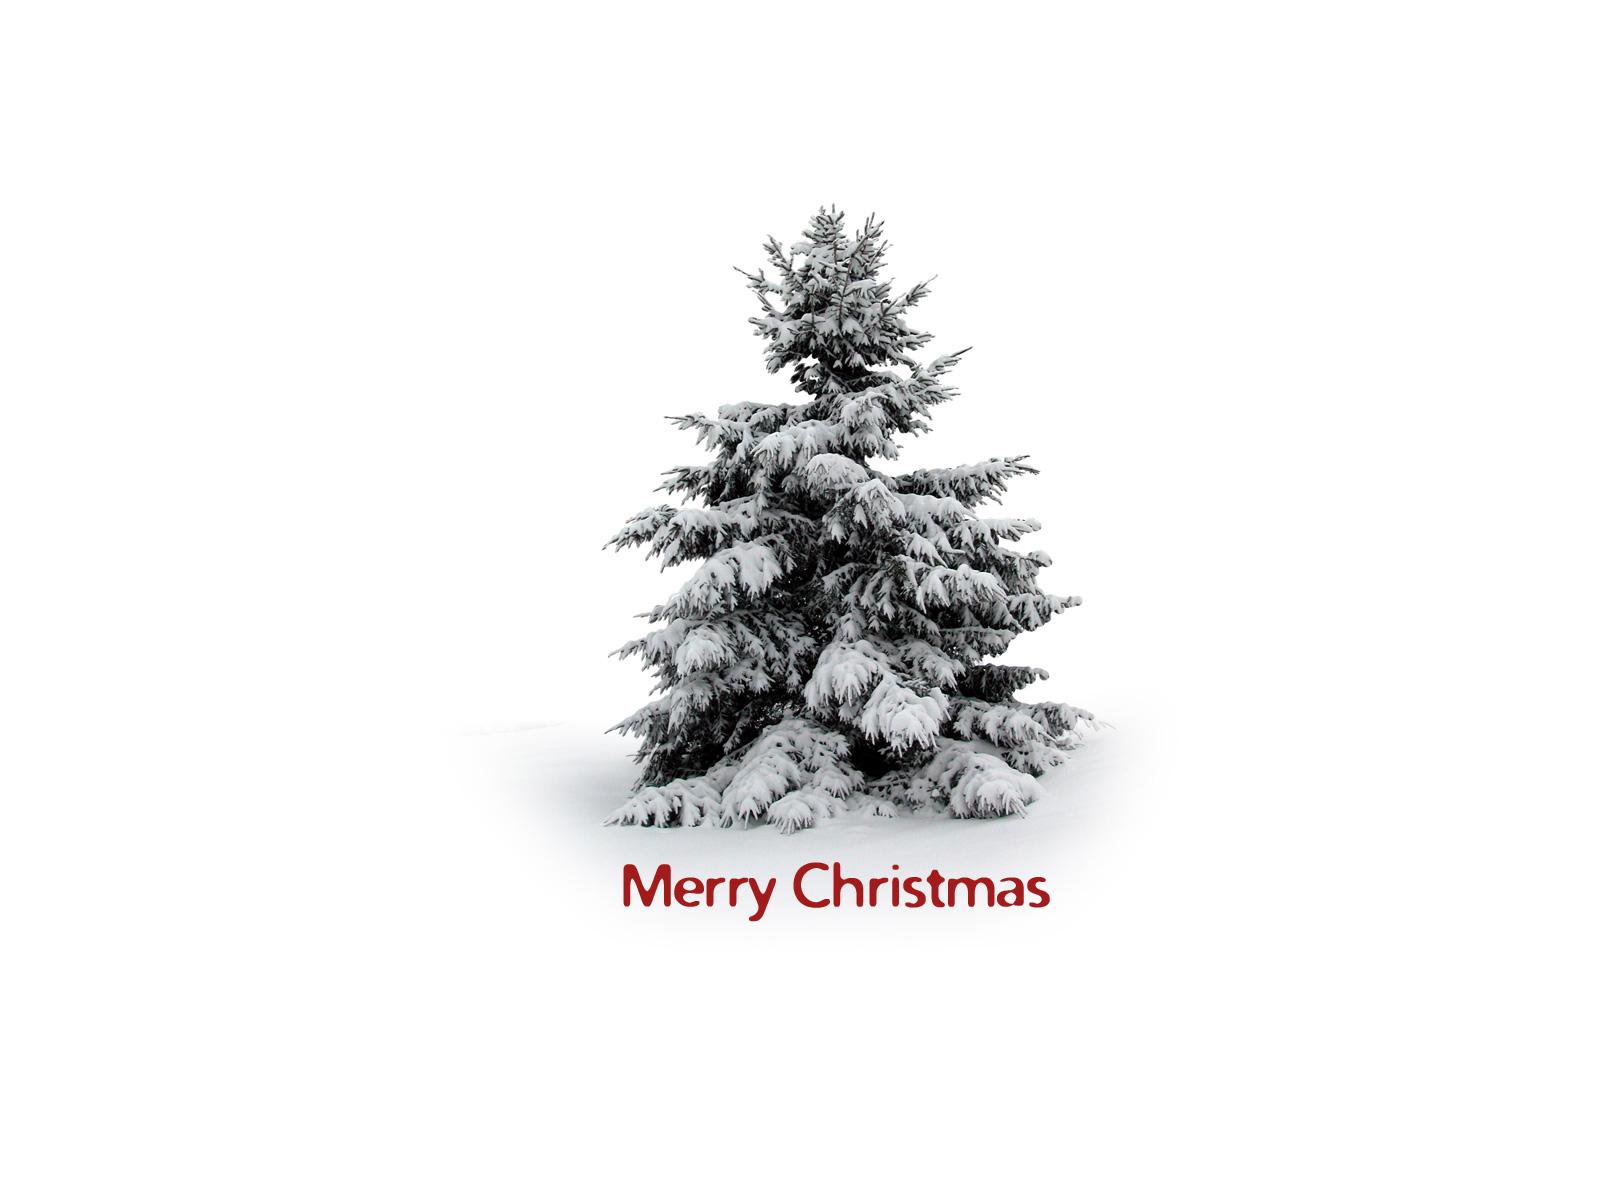 13183 descargar fondo de pantalla Vacaciones, Invierno, Árboles, Año Nuevo, Nieve, Abetos, Navidad: protectores de pantalla e imágenes gratis